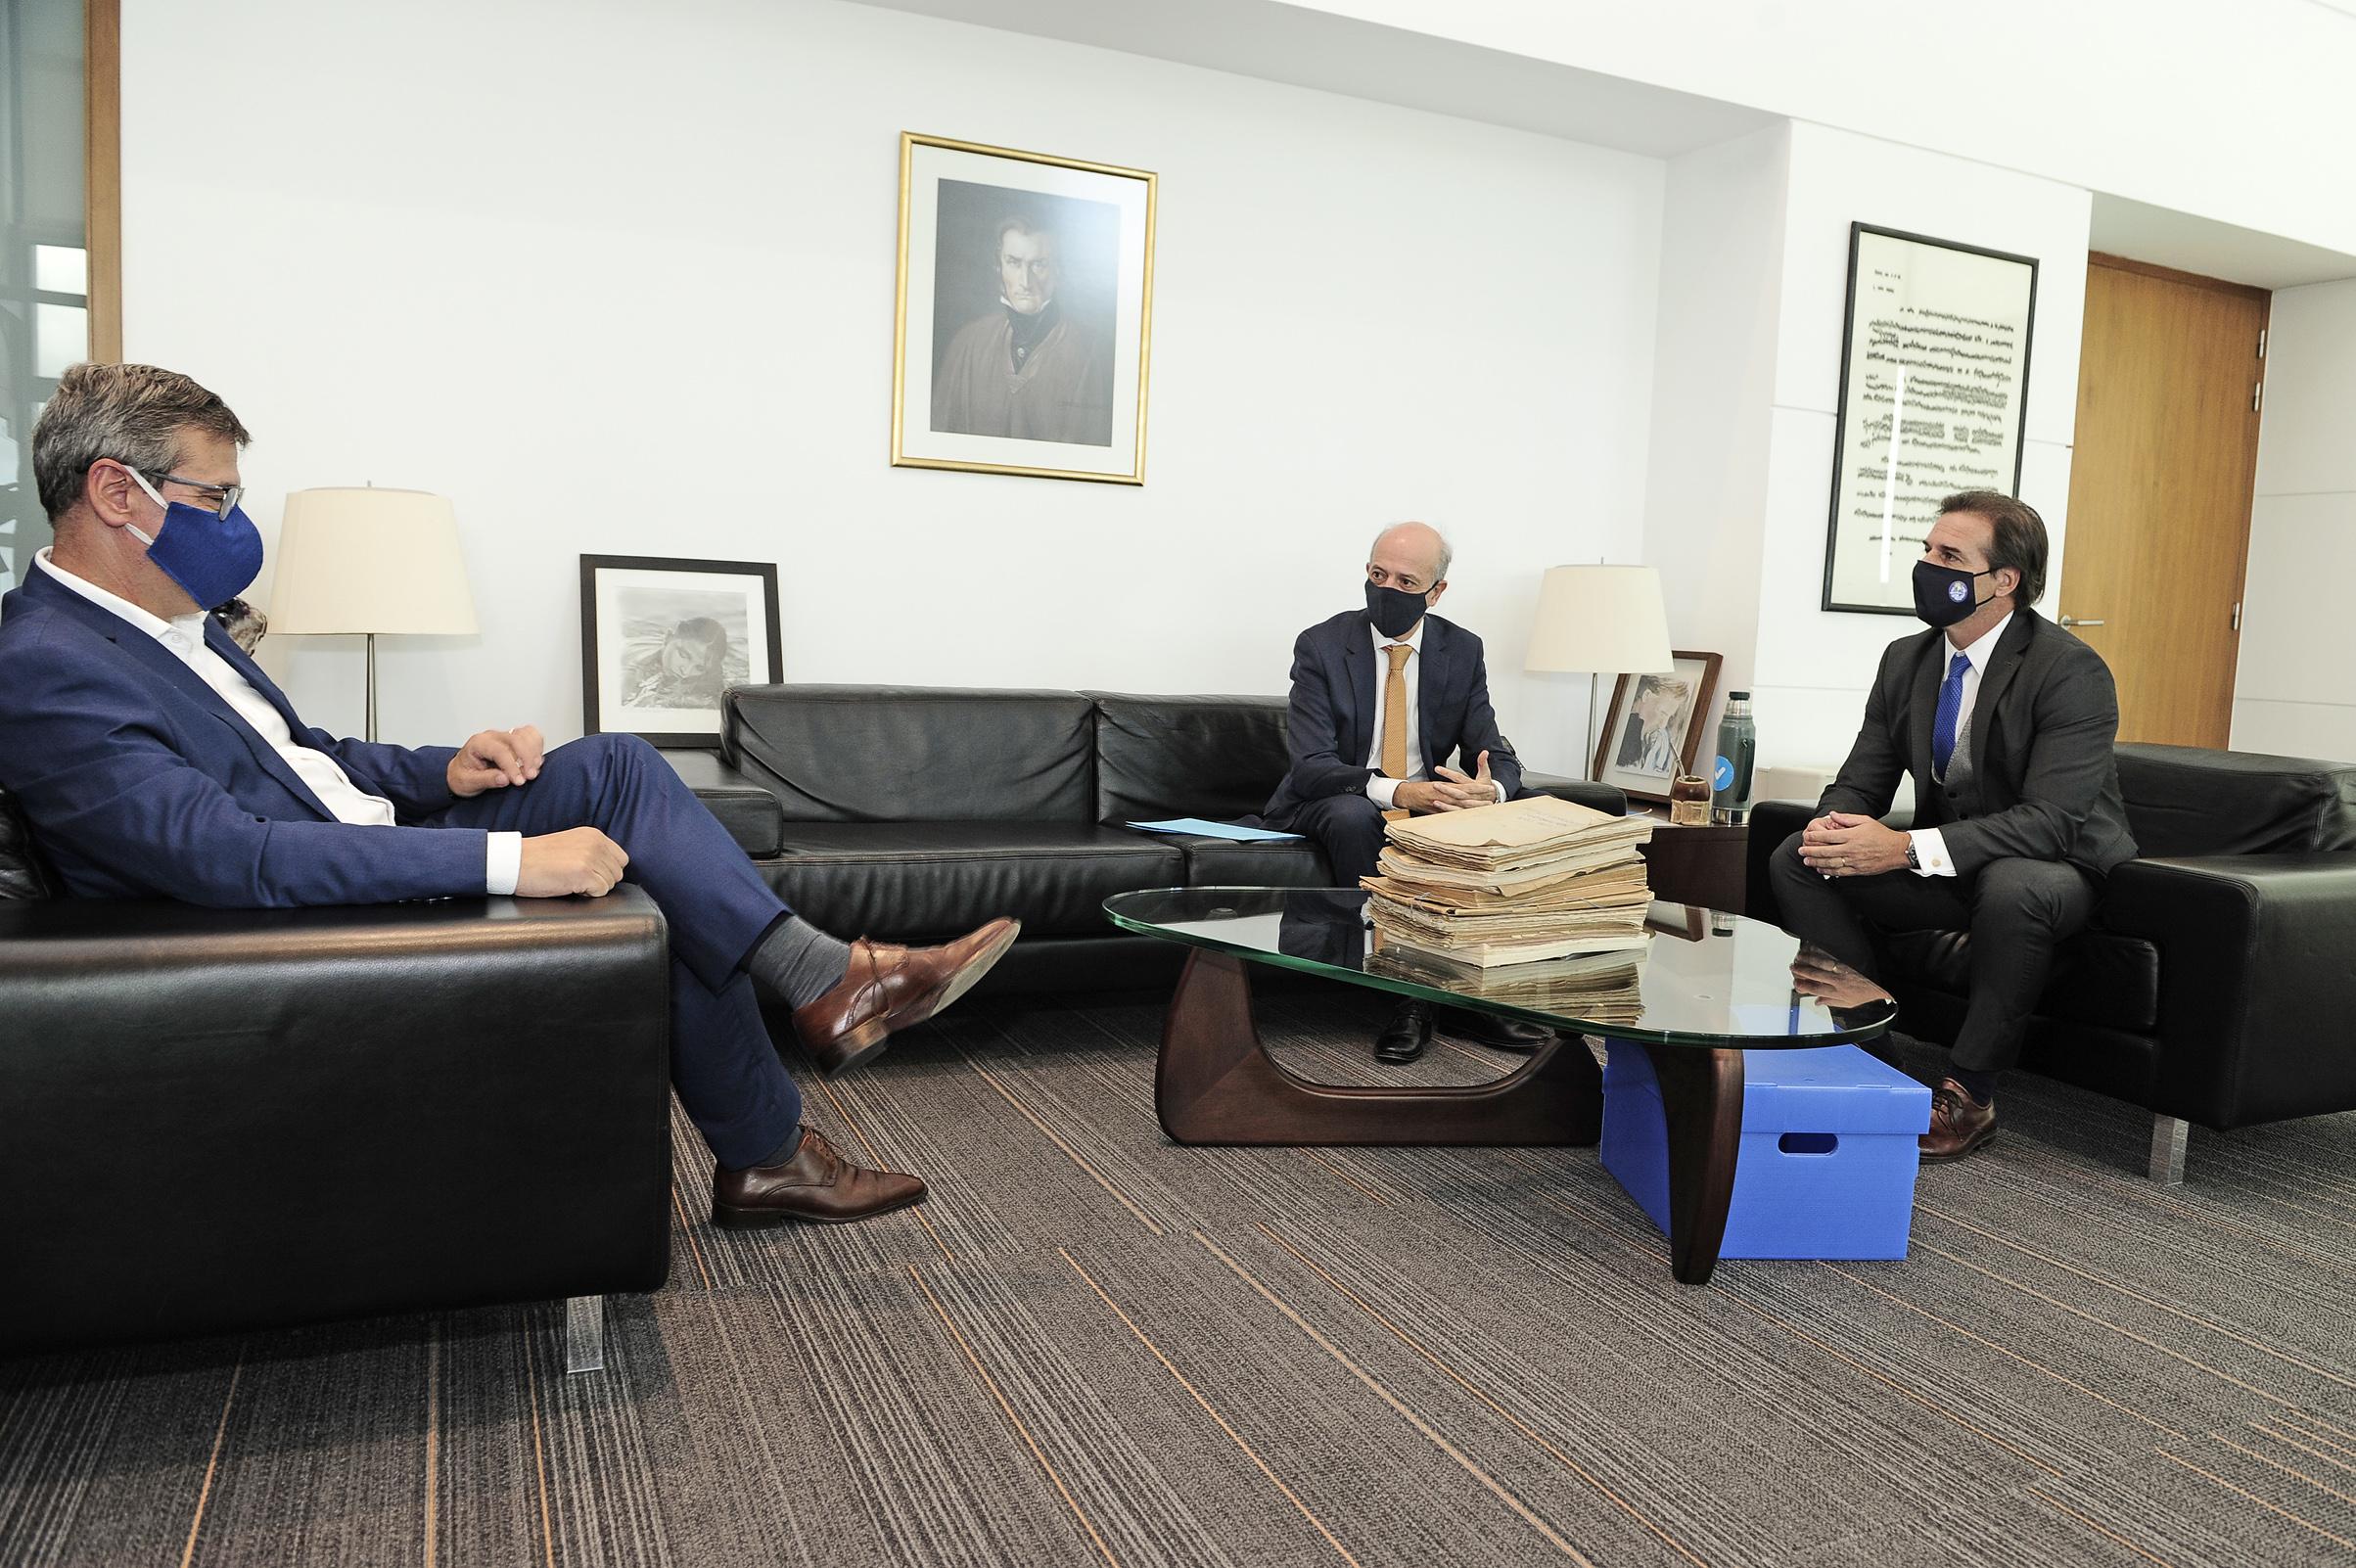 Presidente de la República, Luis Lacalle Pou, y ministro de Defensa Nacional, Javier García, recibieron al fiscal de Corte, Jorge Díaz